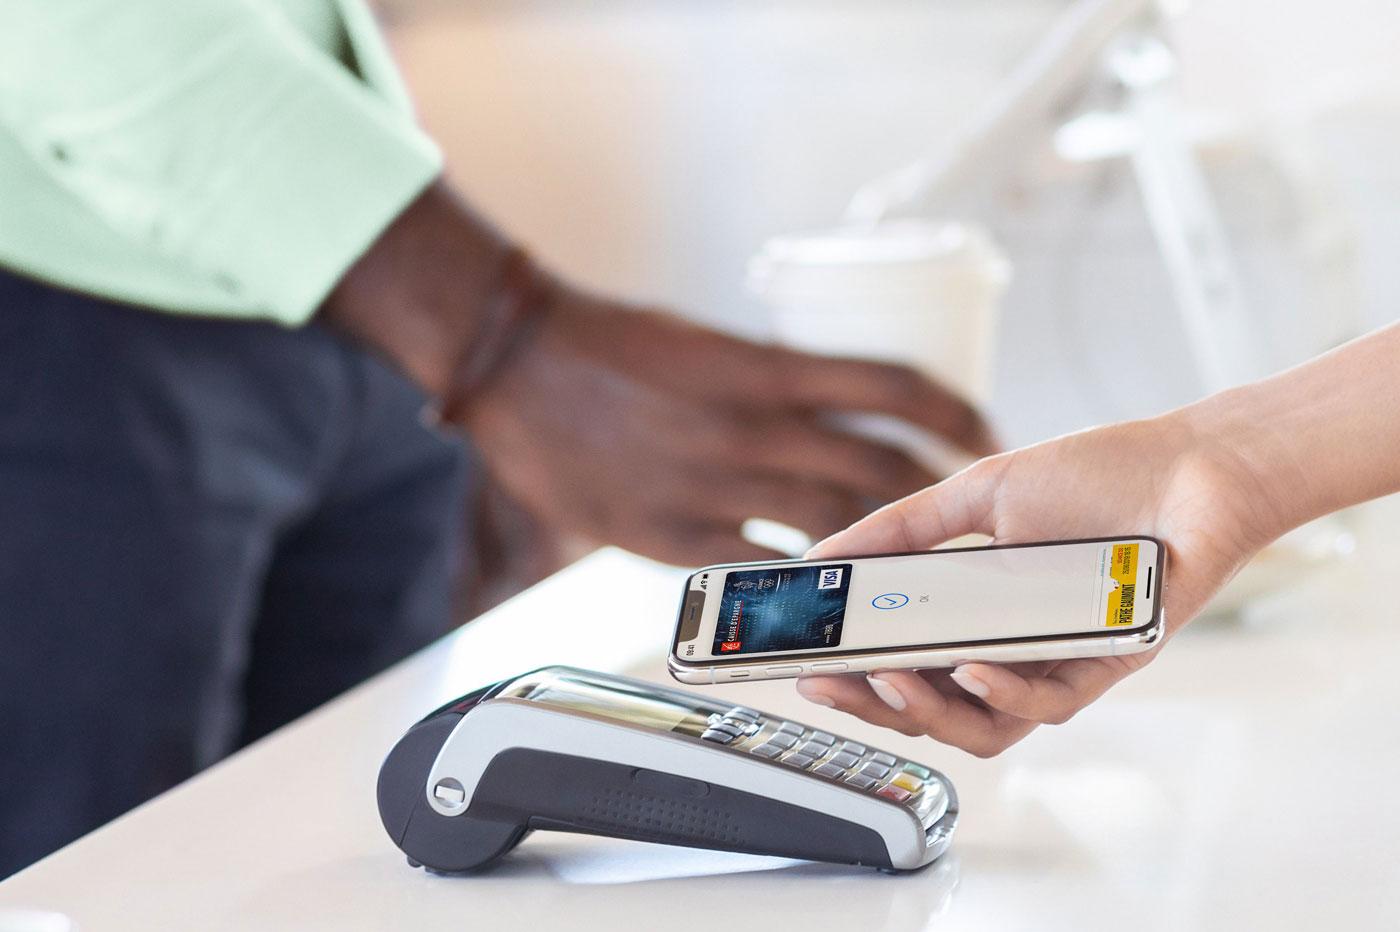 Après 3 ans, Apple Pay a-t-il réussi son pari en France ?